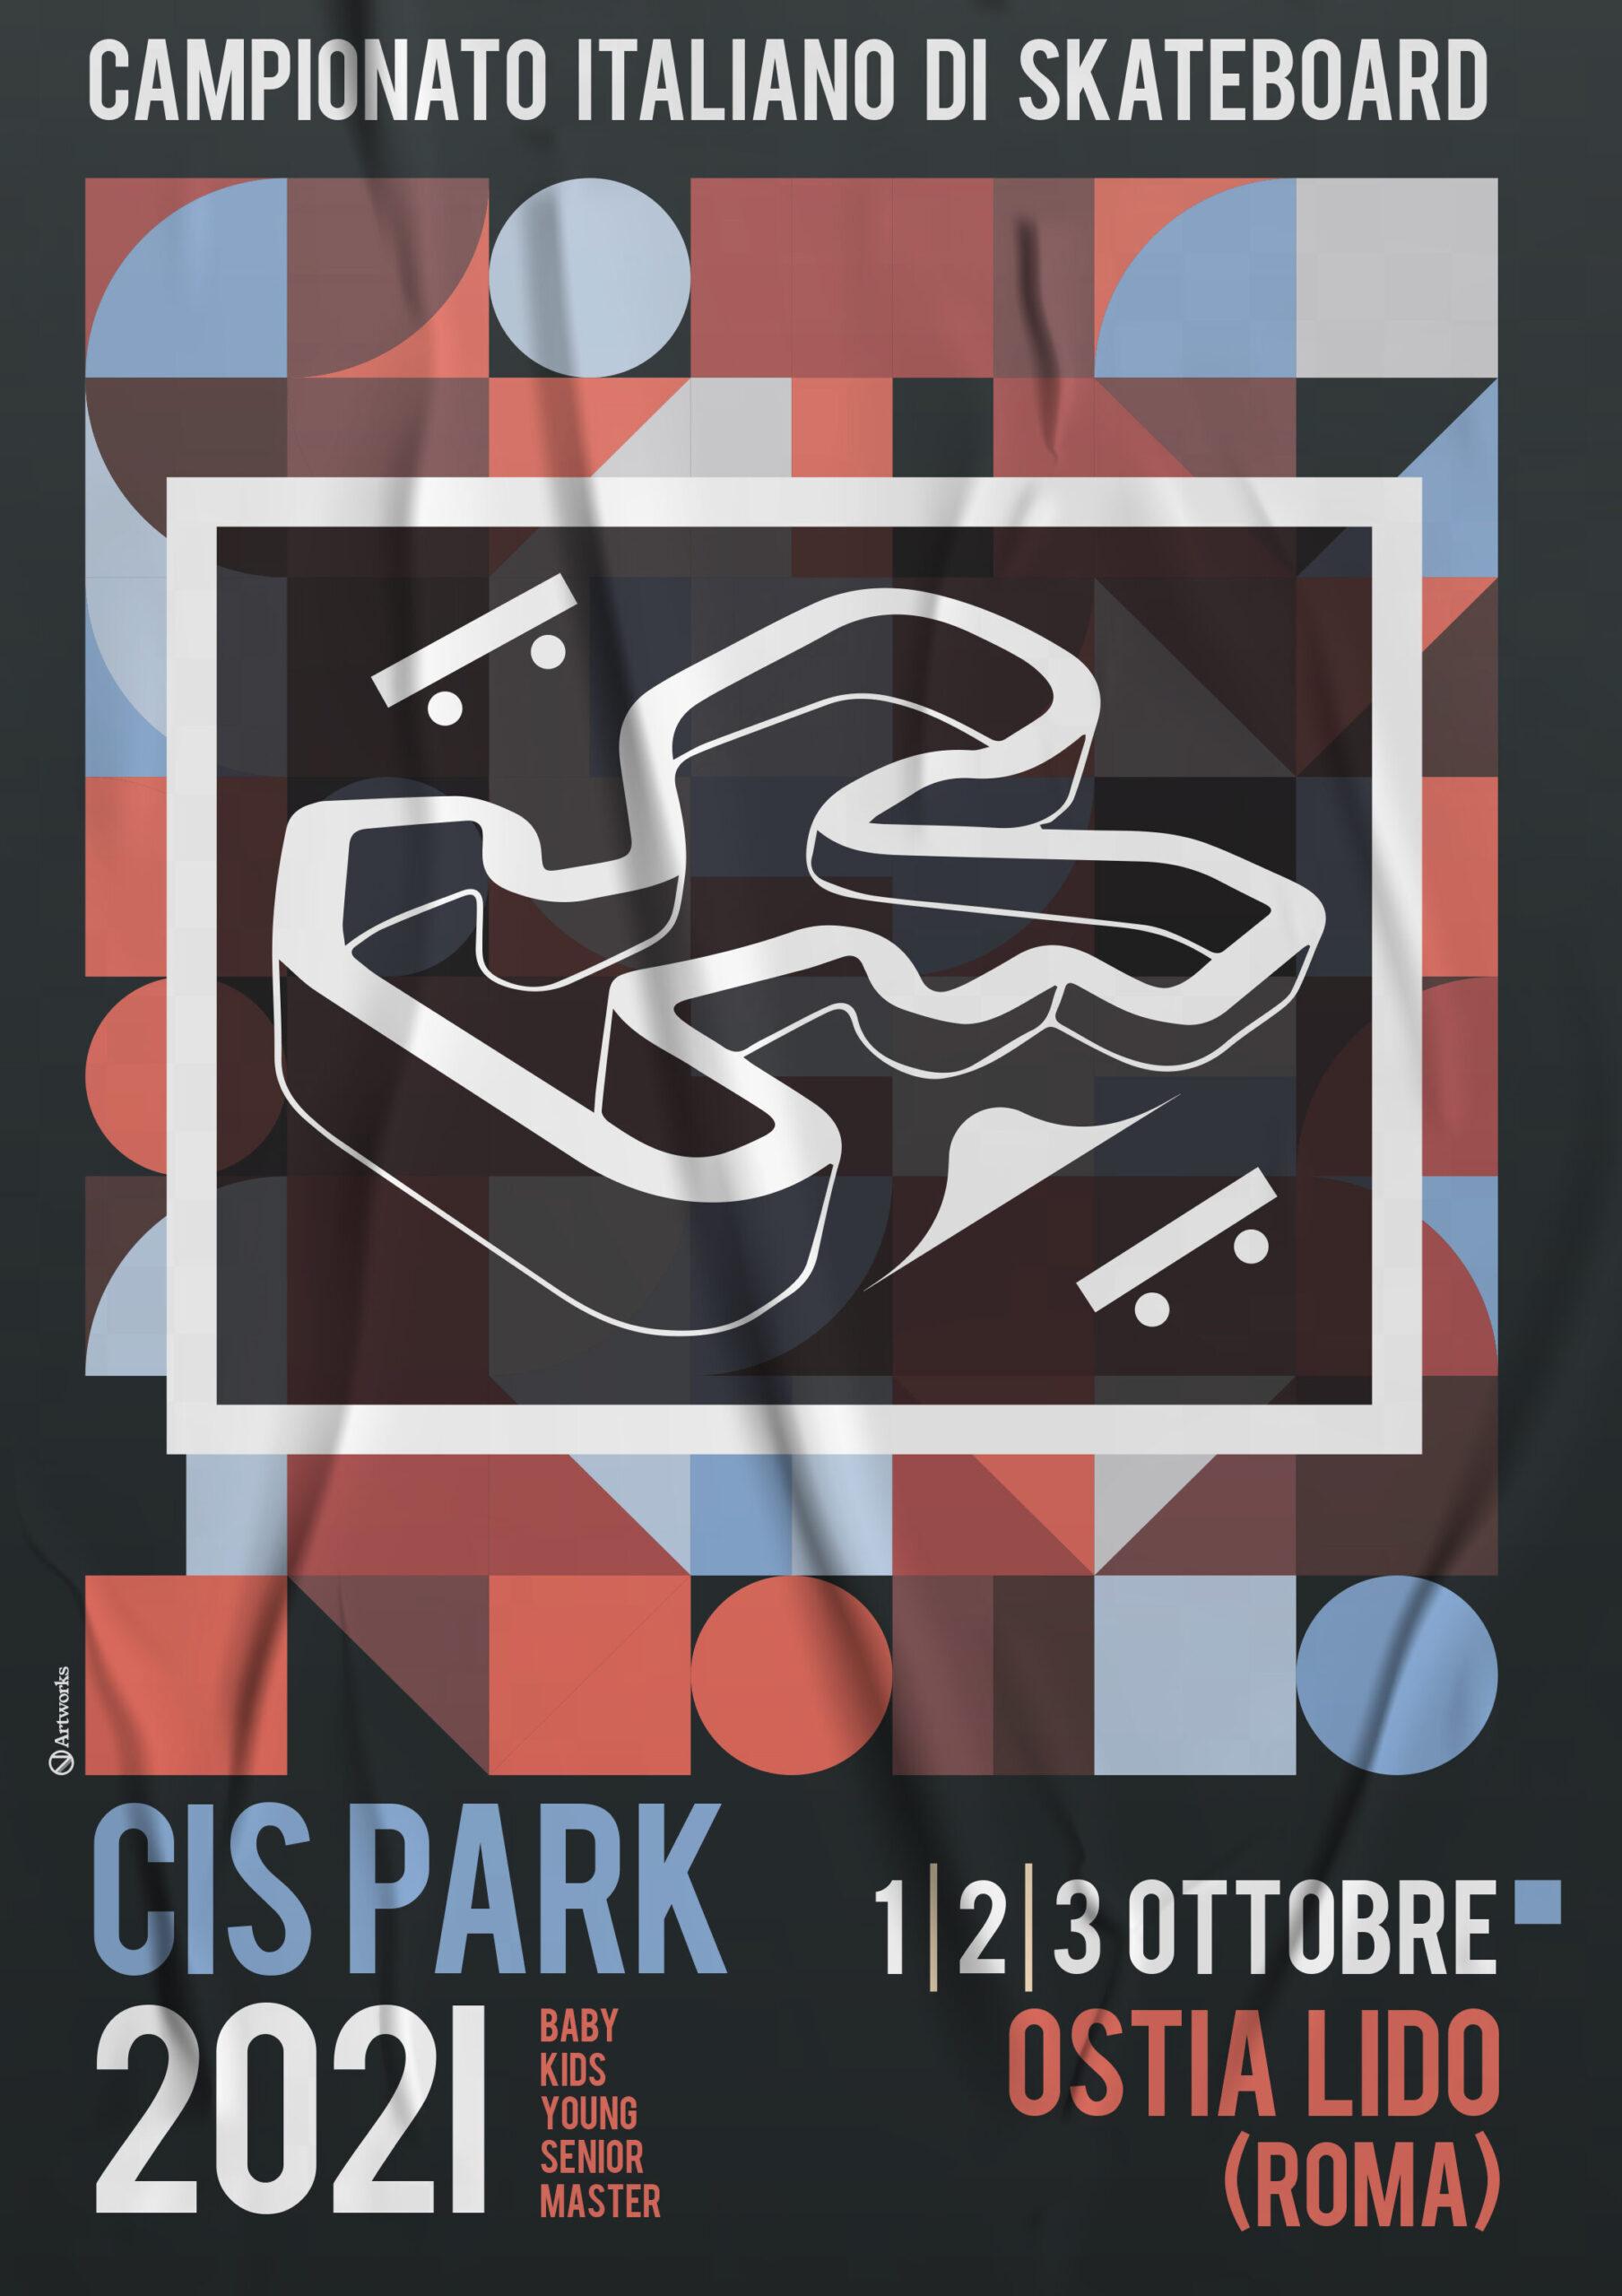 Campionato Italiano Skateboarding 2021 Park